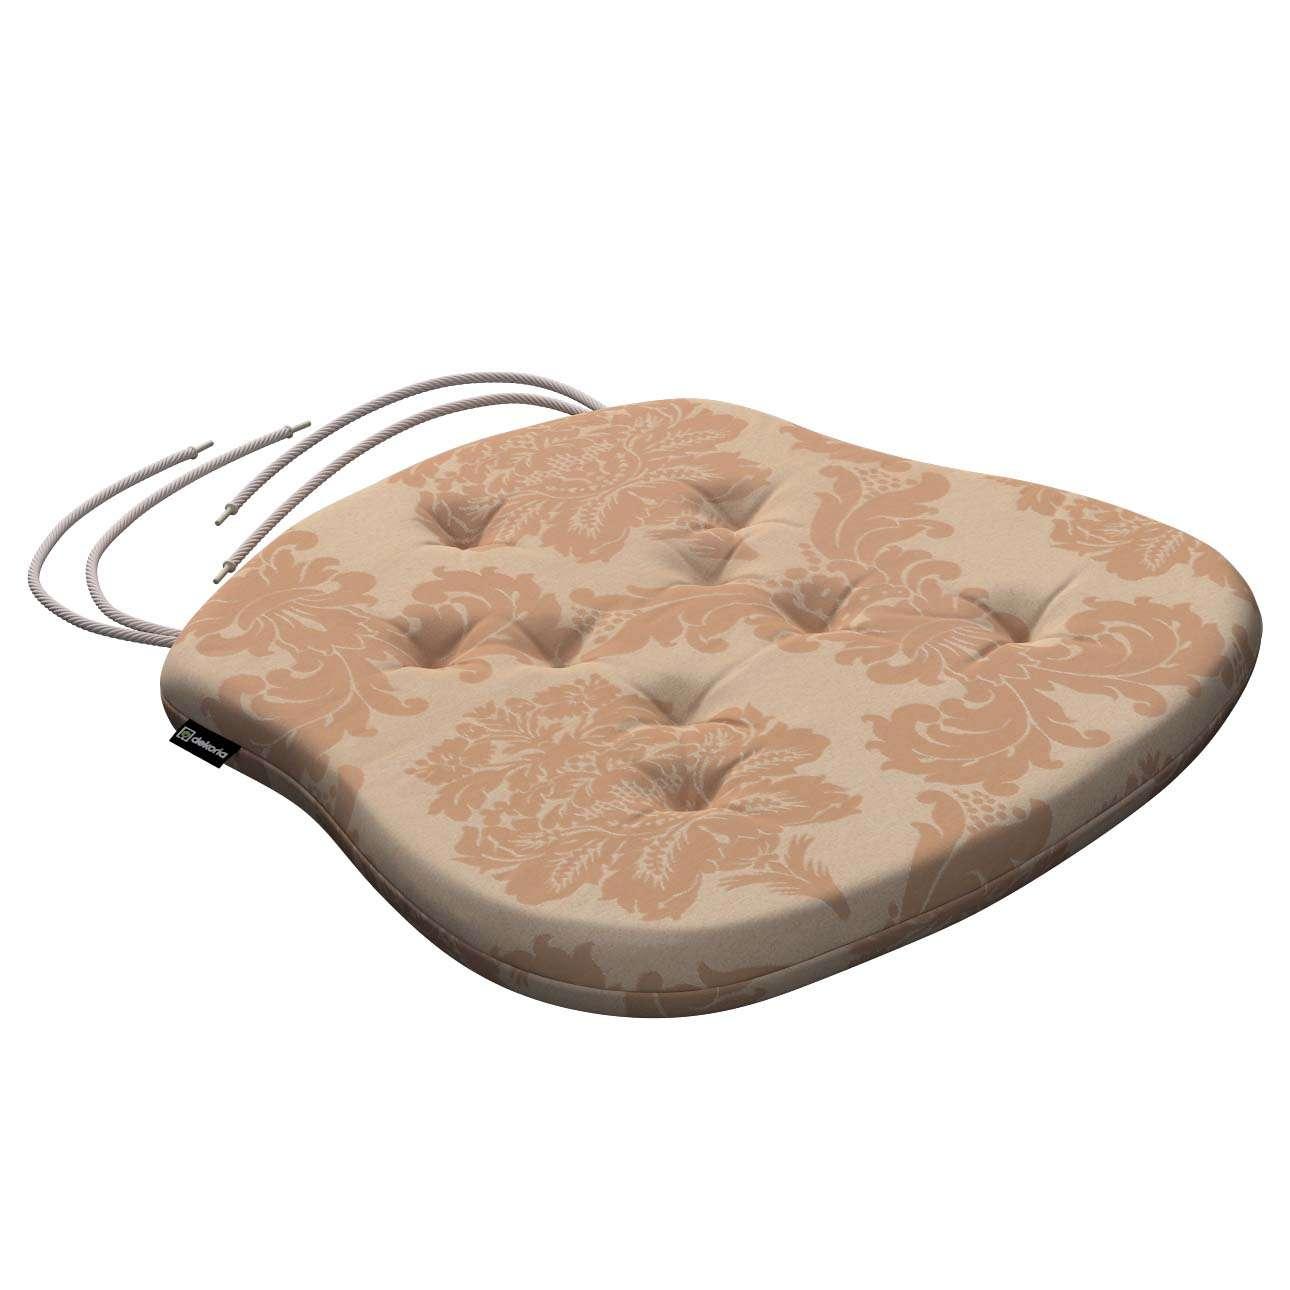 Kėdės pagalvėlė Filip  41 x 38 x 3,5 cm kolekcijoje Damasco, audinys: 613-04